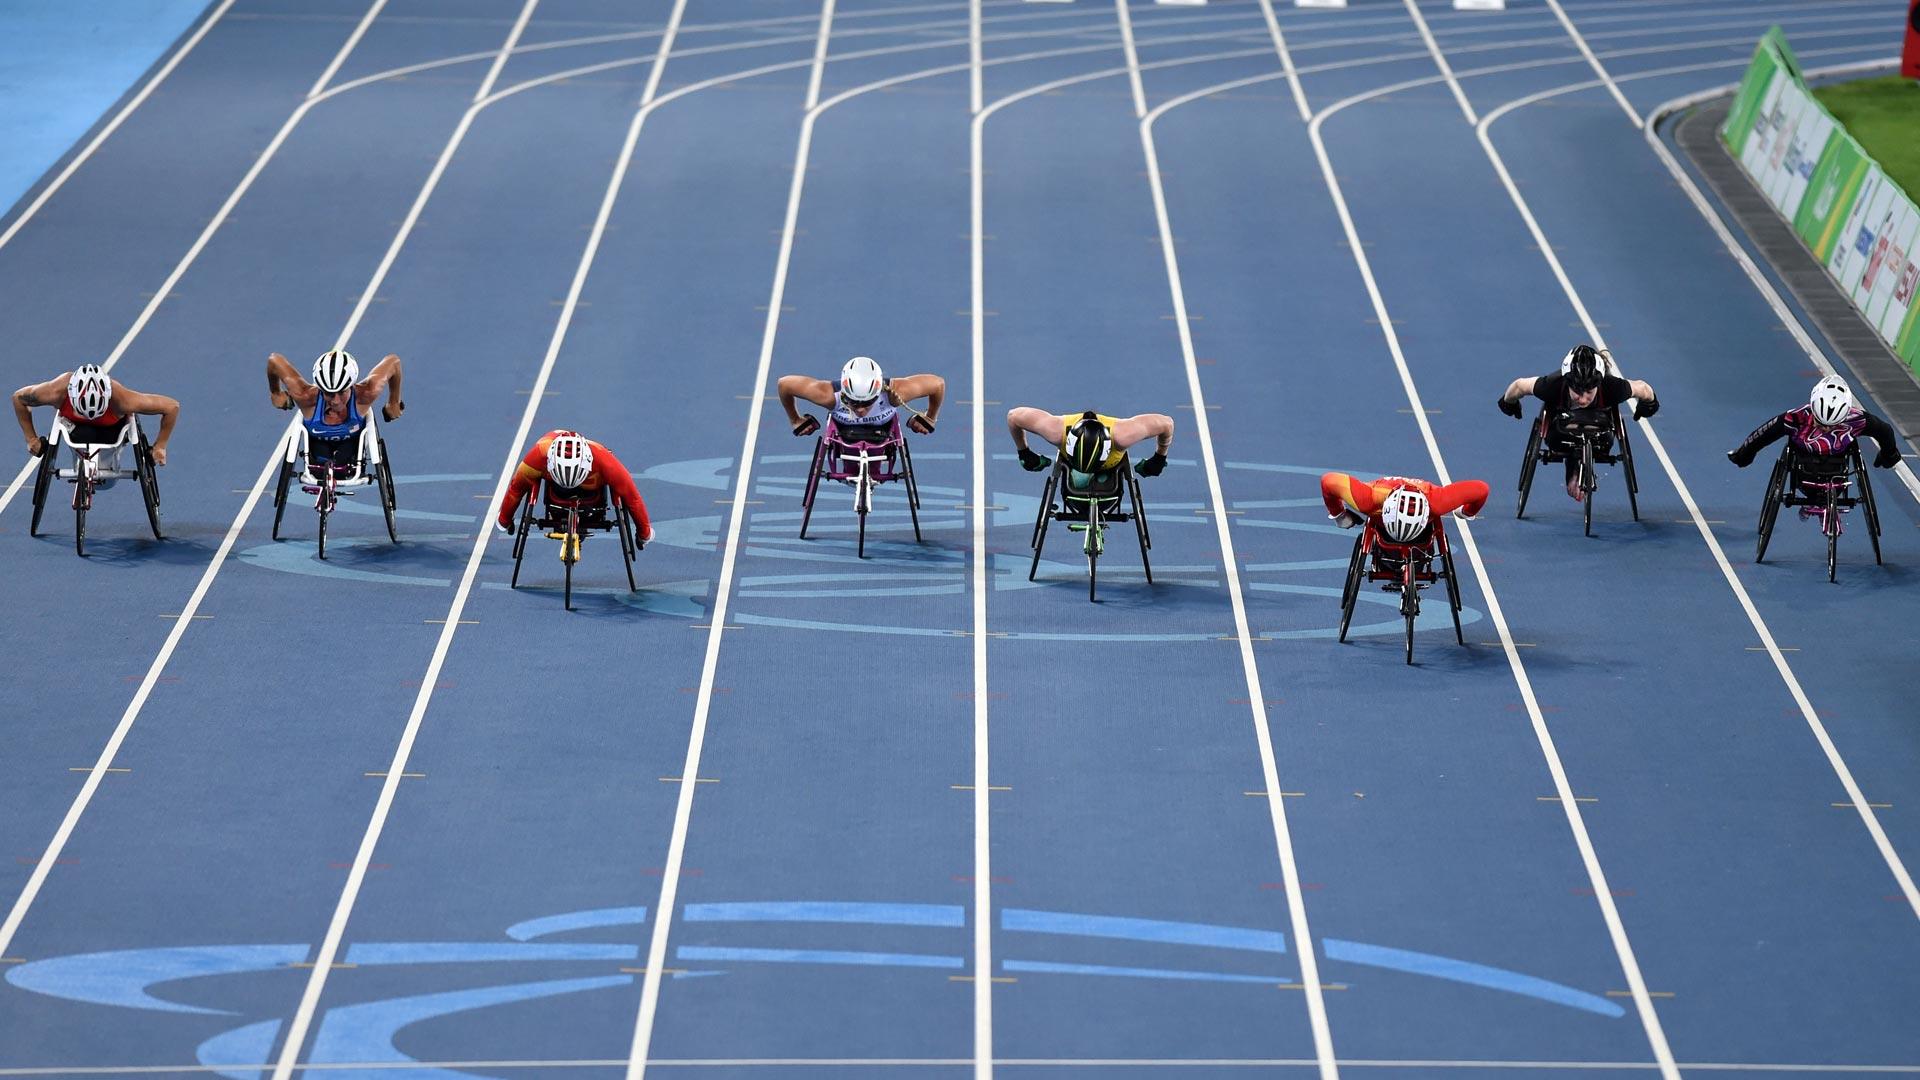 超越自我!直击里约残奥会 - 人在上海    - 中国新闻画报